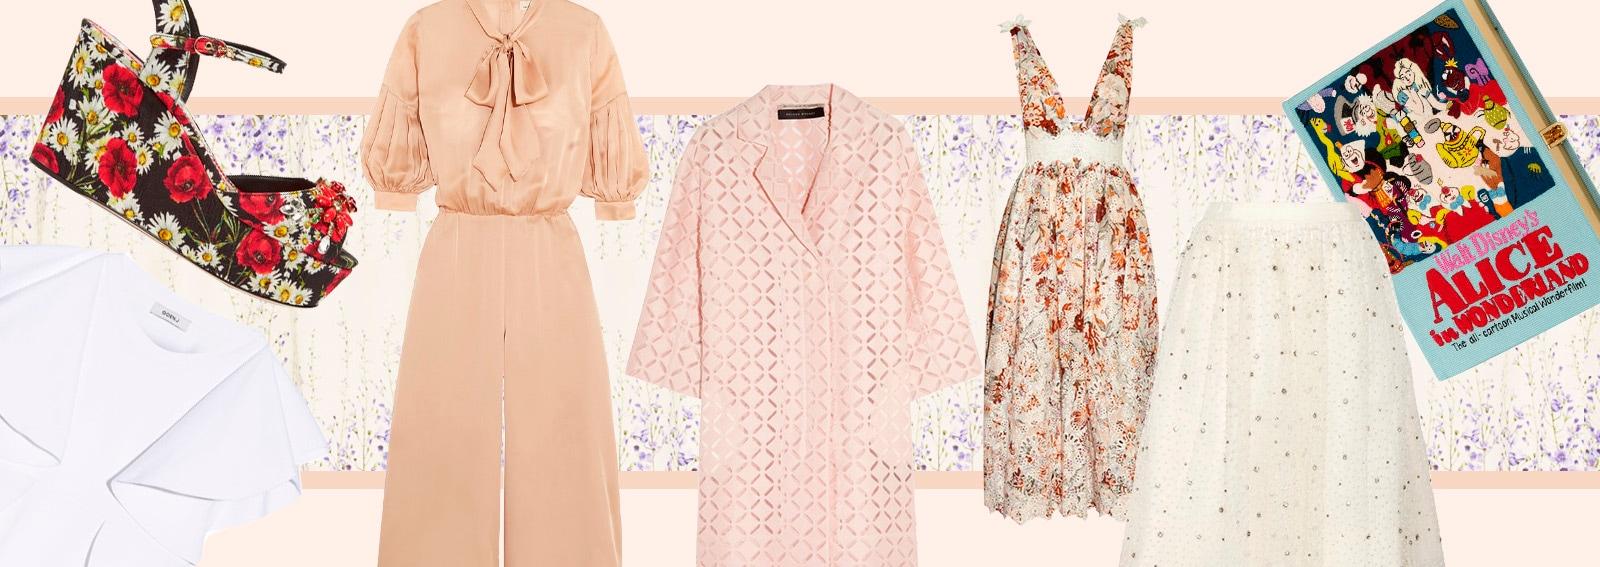 cover abiti e accessori per un look romantico dekstop